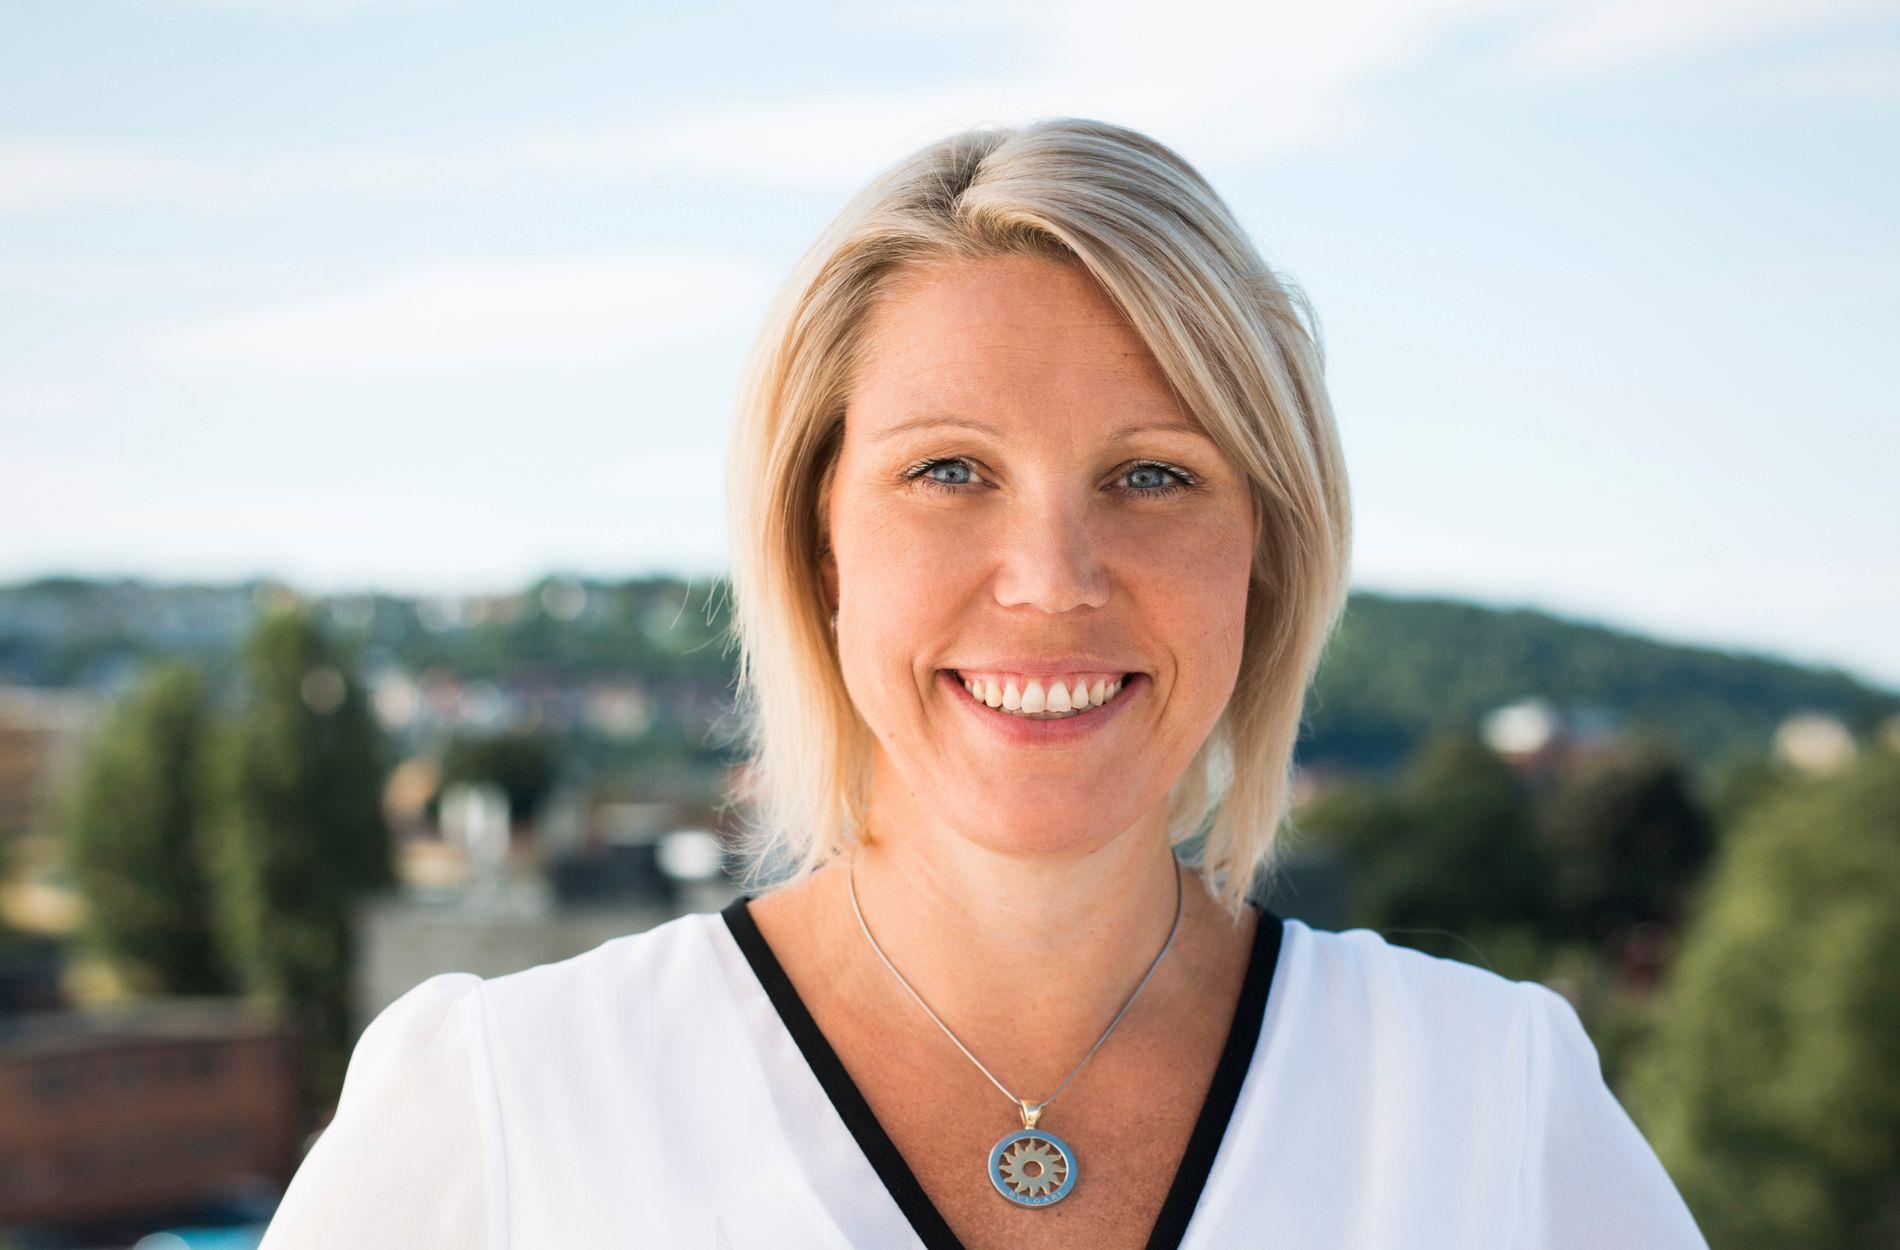 VIL IKKE STRAFFE: Administrerende direktør i REMA Forsikring, Pia Almvang, ønsker ikke gjøre forskjell på unge sjåfører.